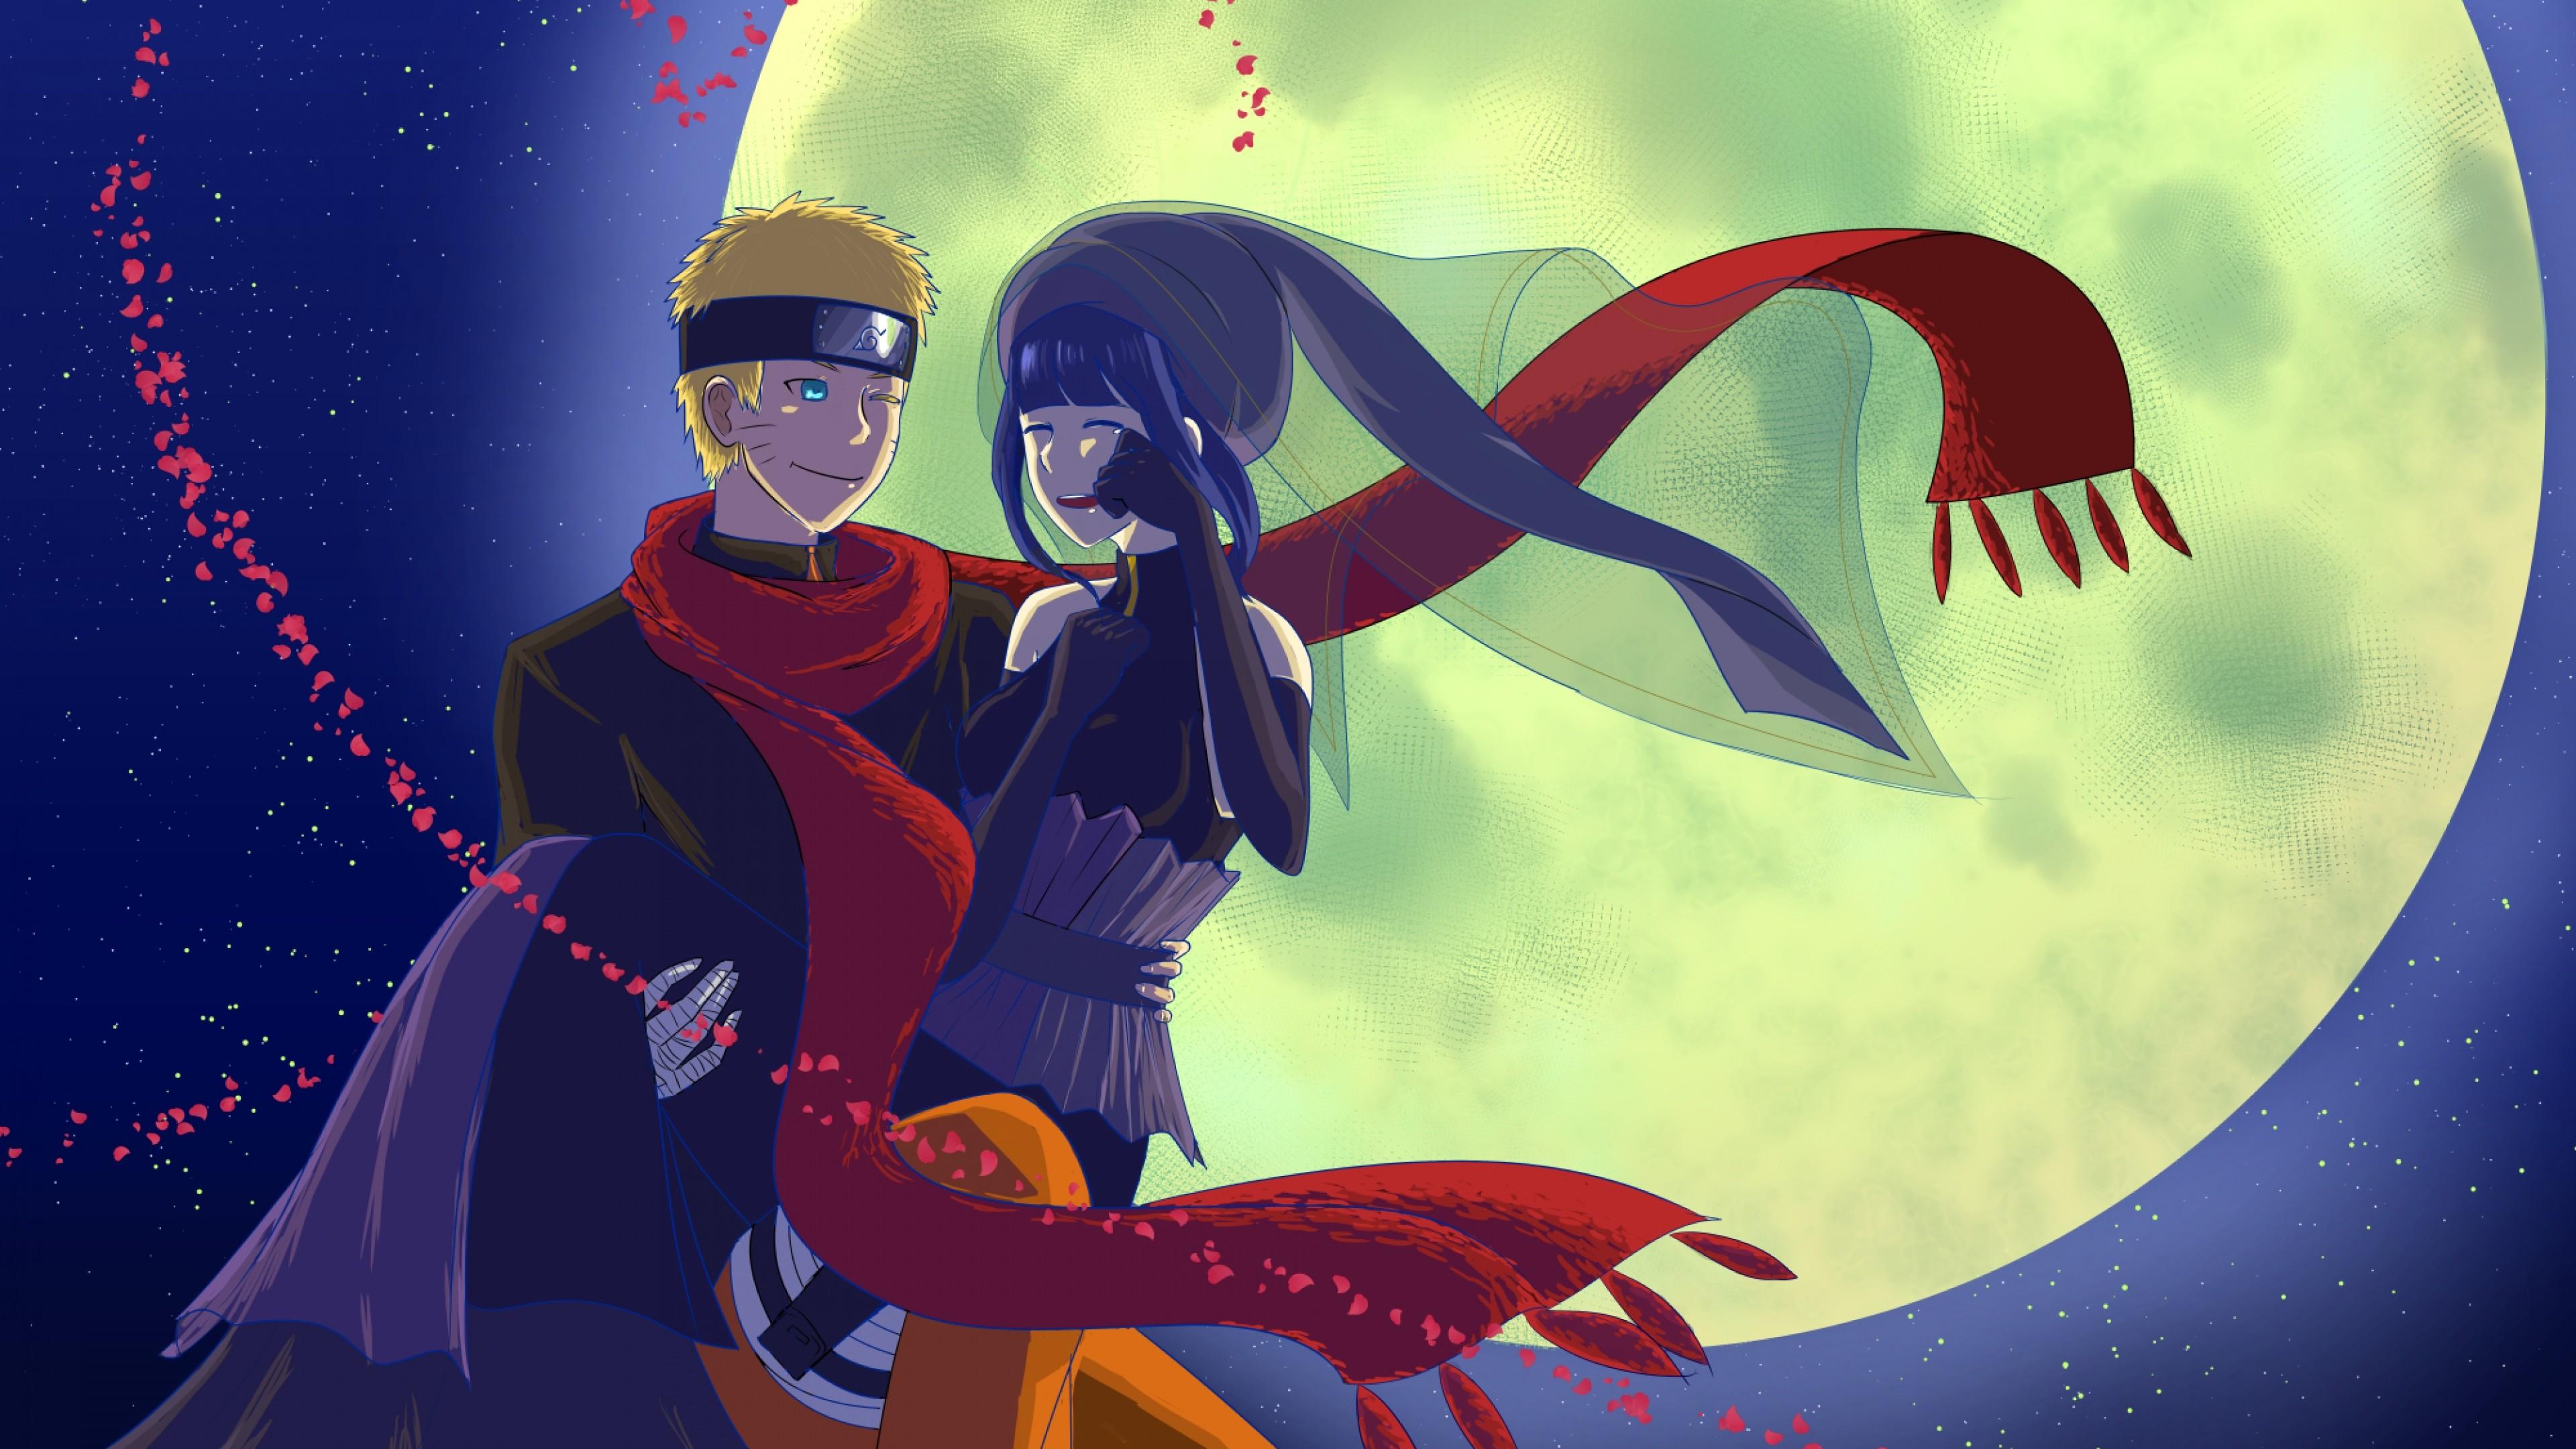 Naruto Wallpaper 4k 62 Immagini